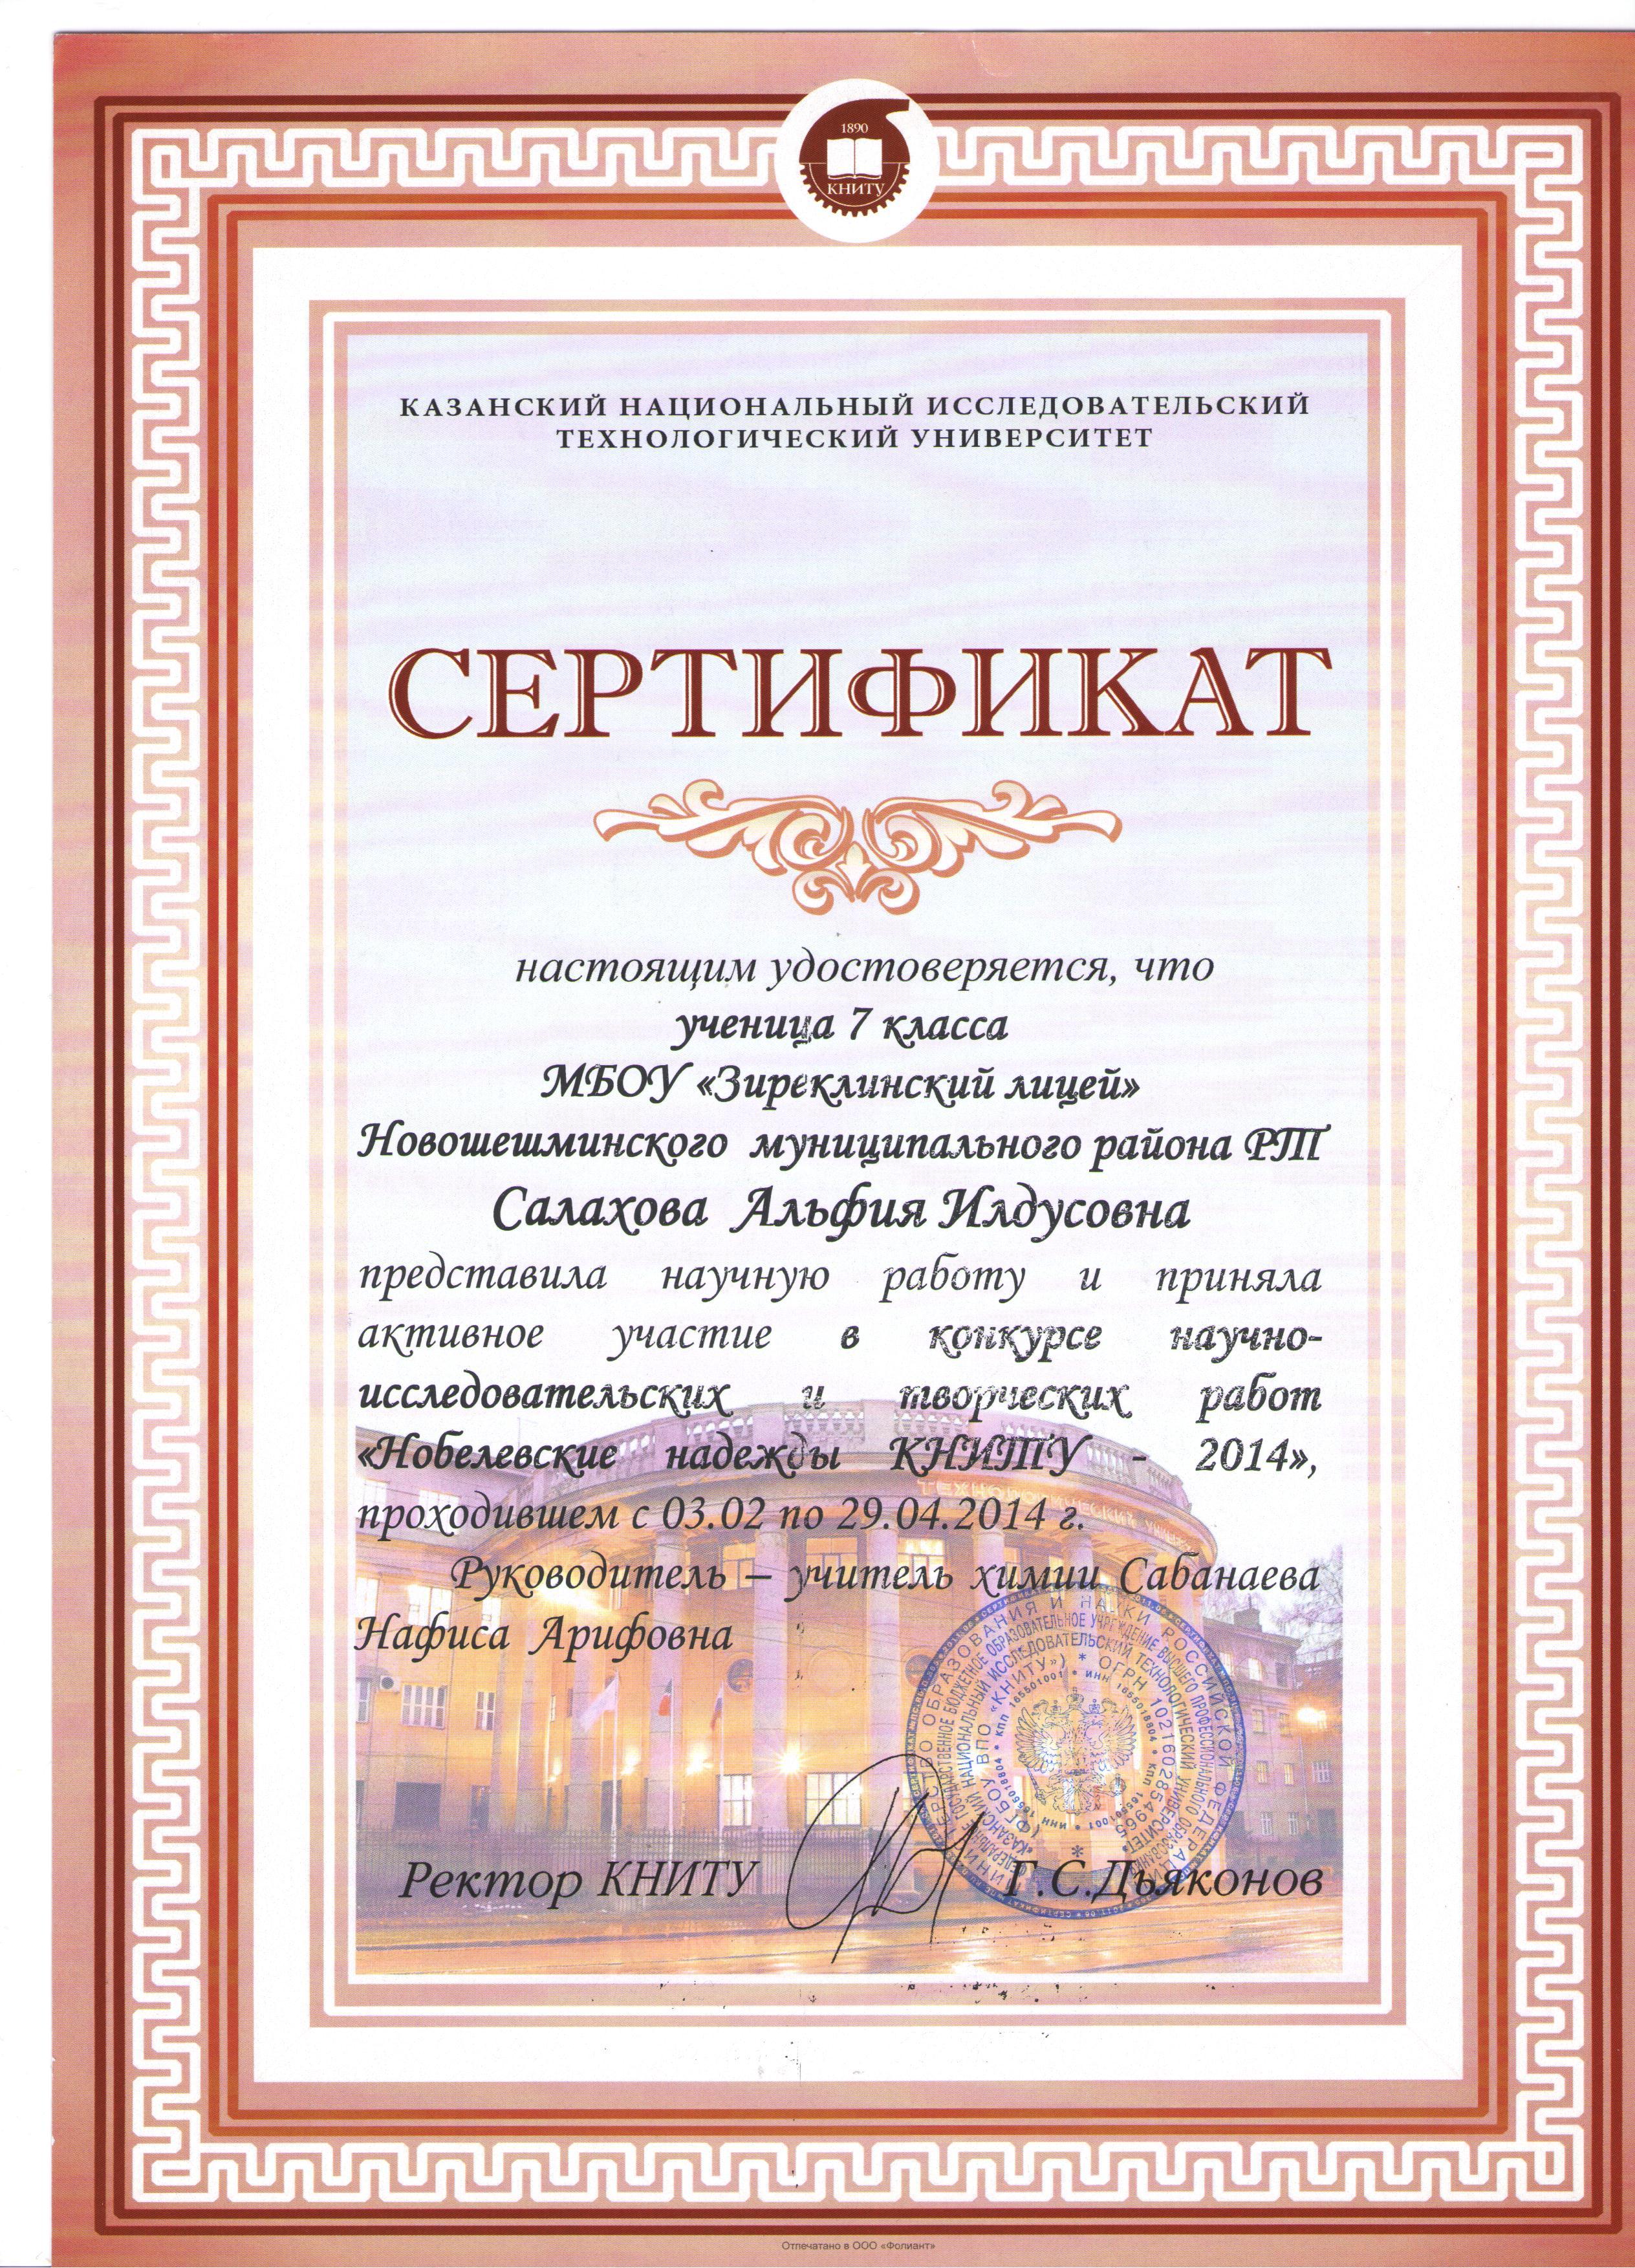 Книту конкурс нобелевские надежды